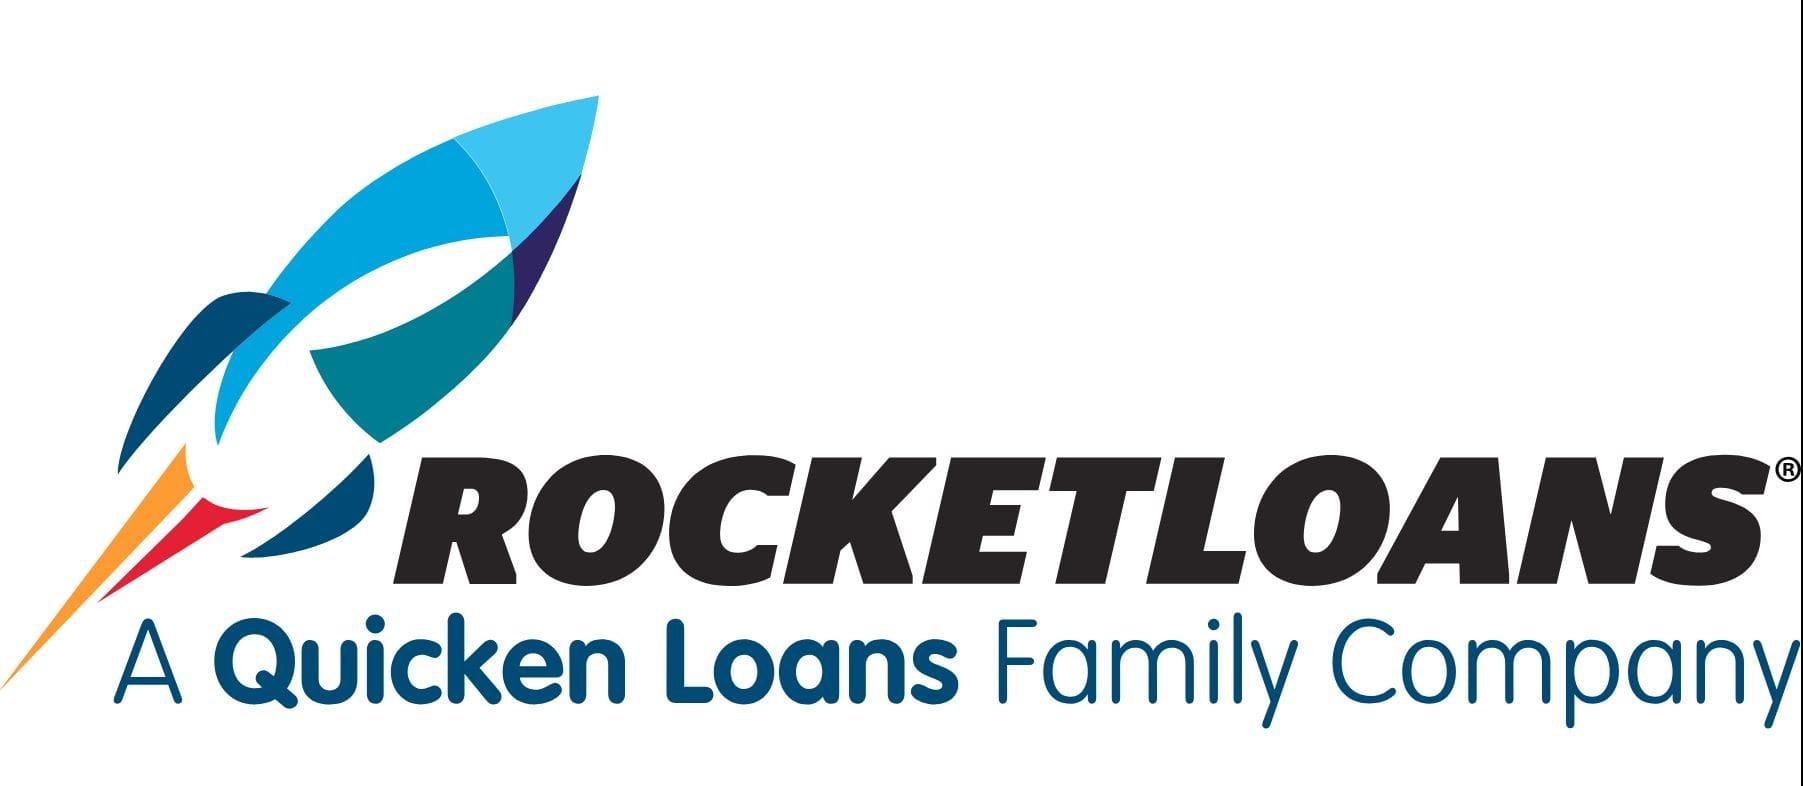 rpcketloans logo